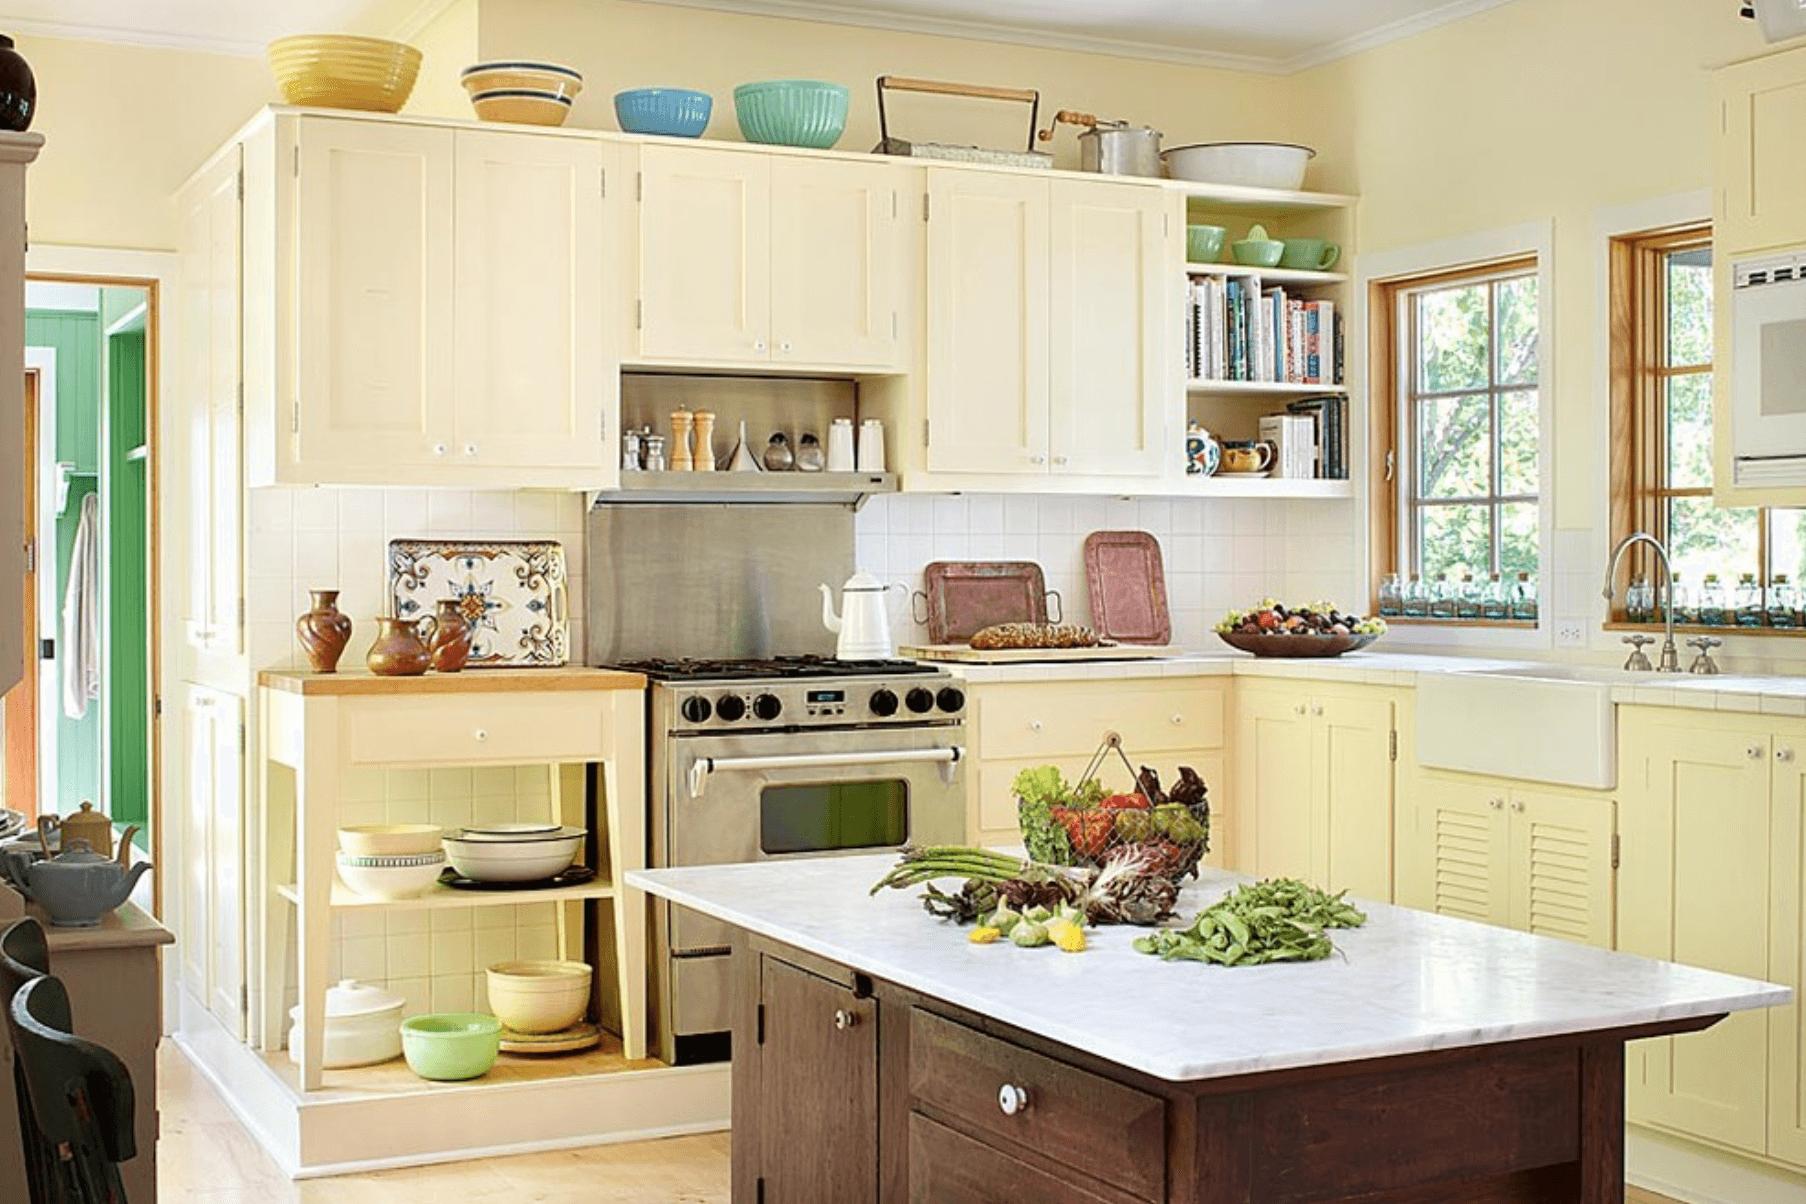 Дизайн кухни в оттенках желтого цвета. Фото 2